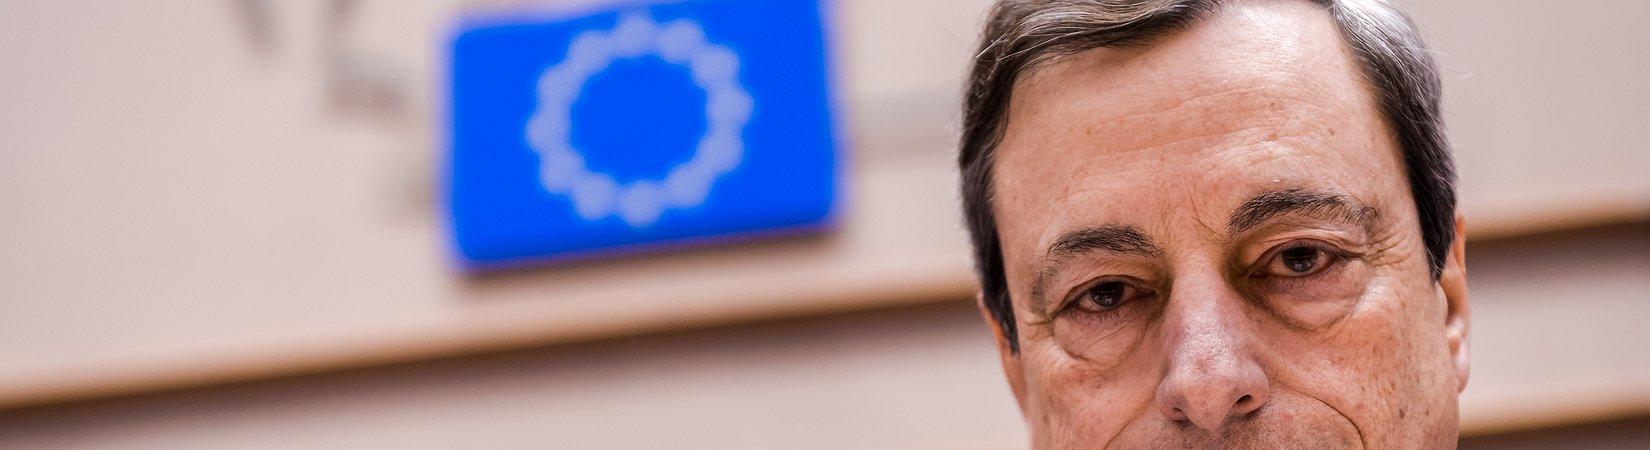 La BCE annuncia il tasso d'interesse